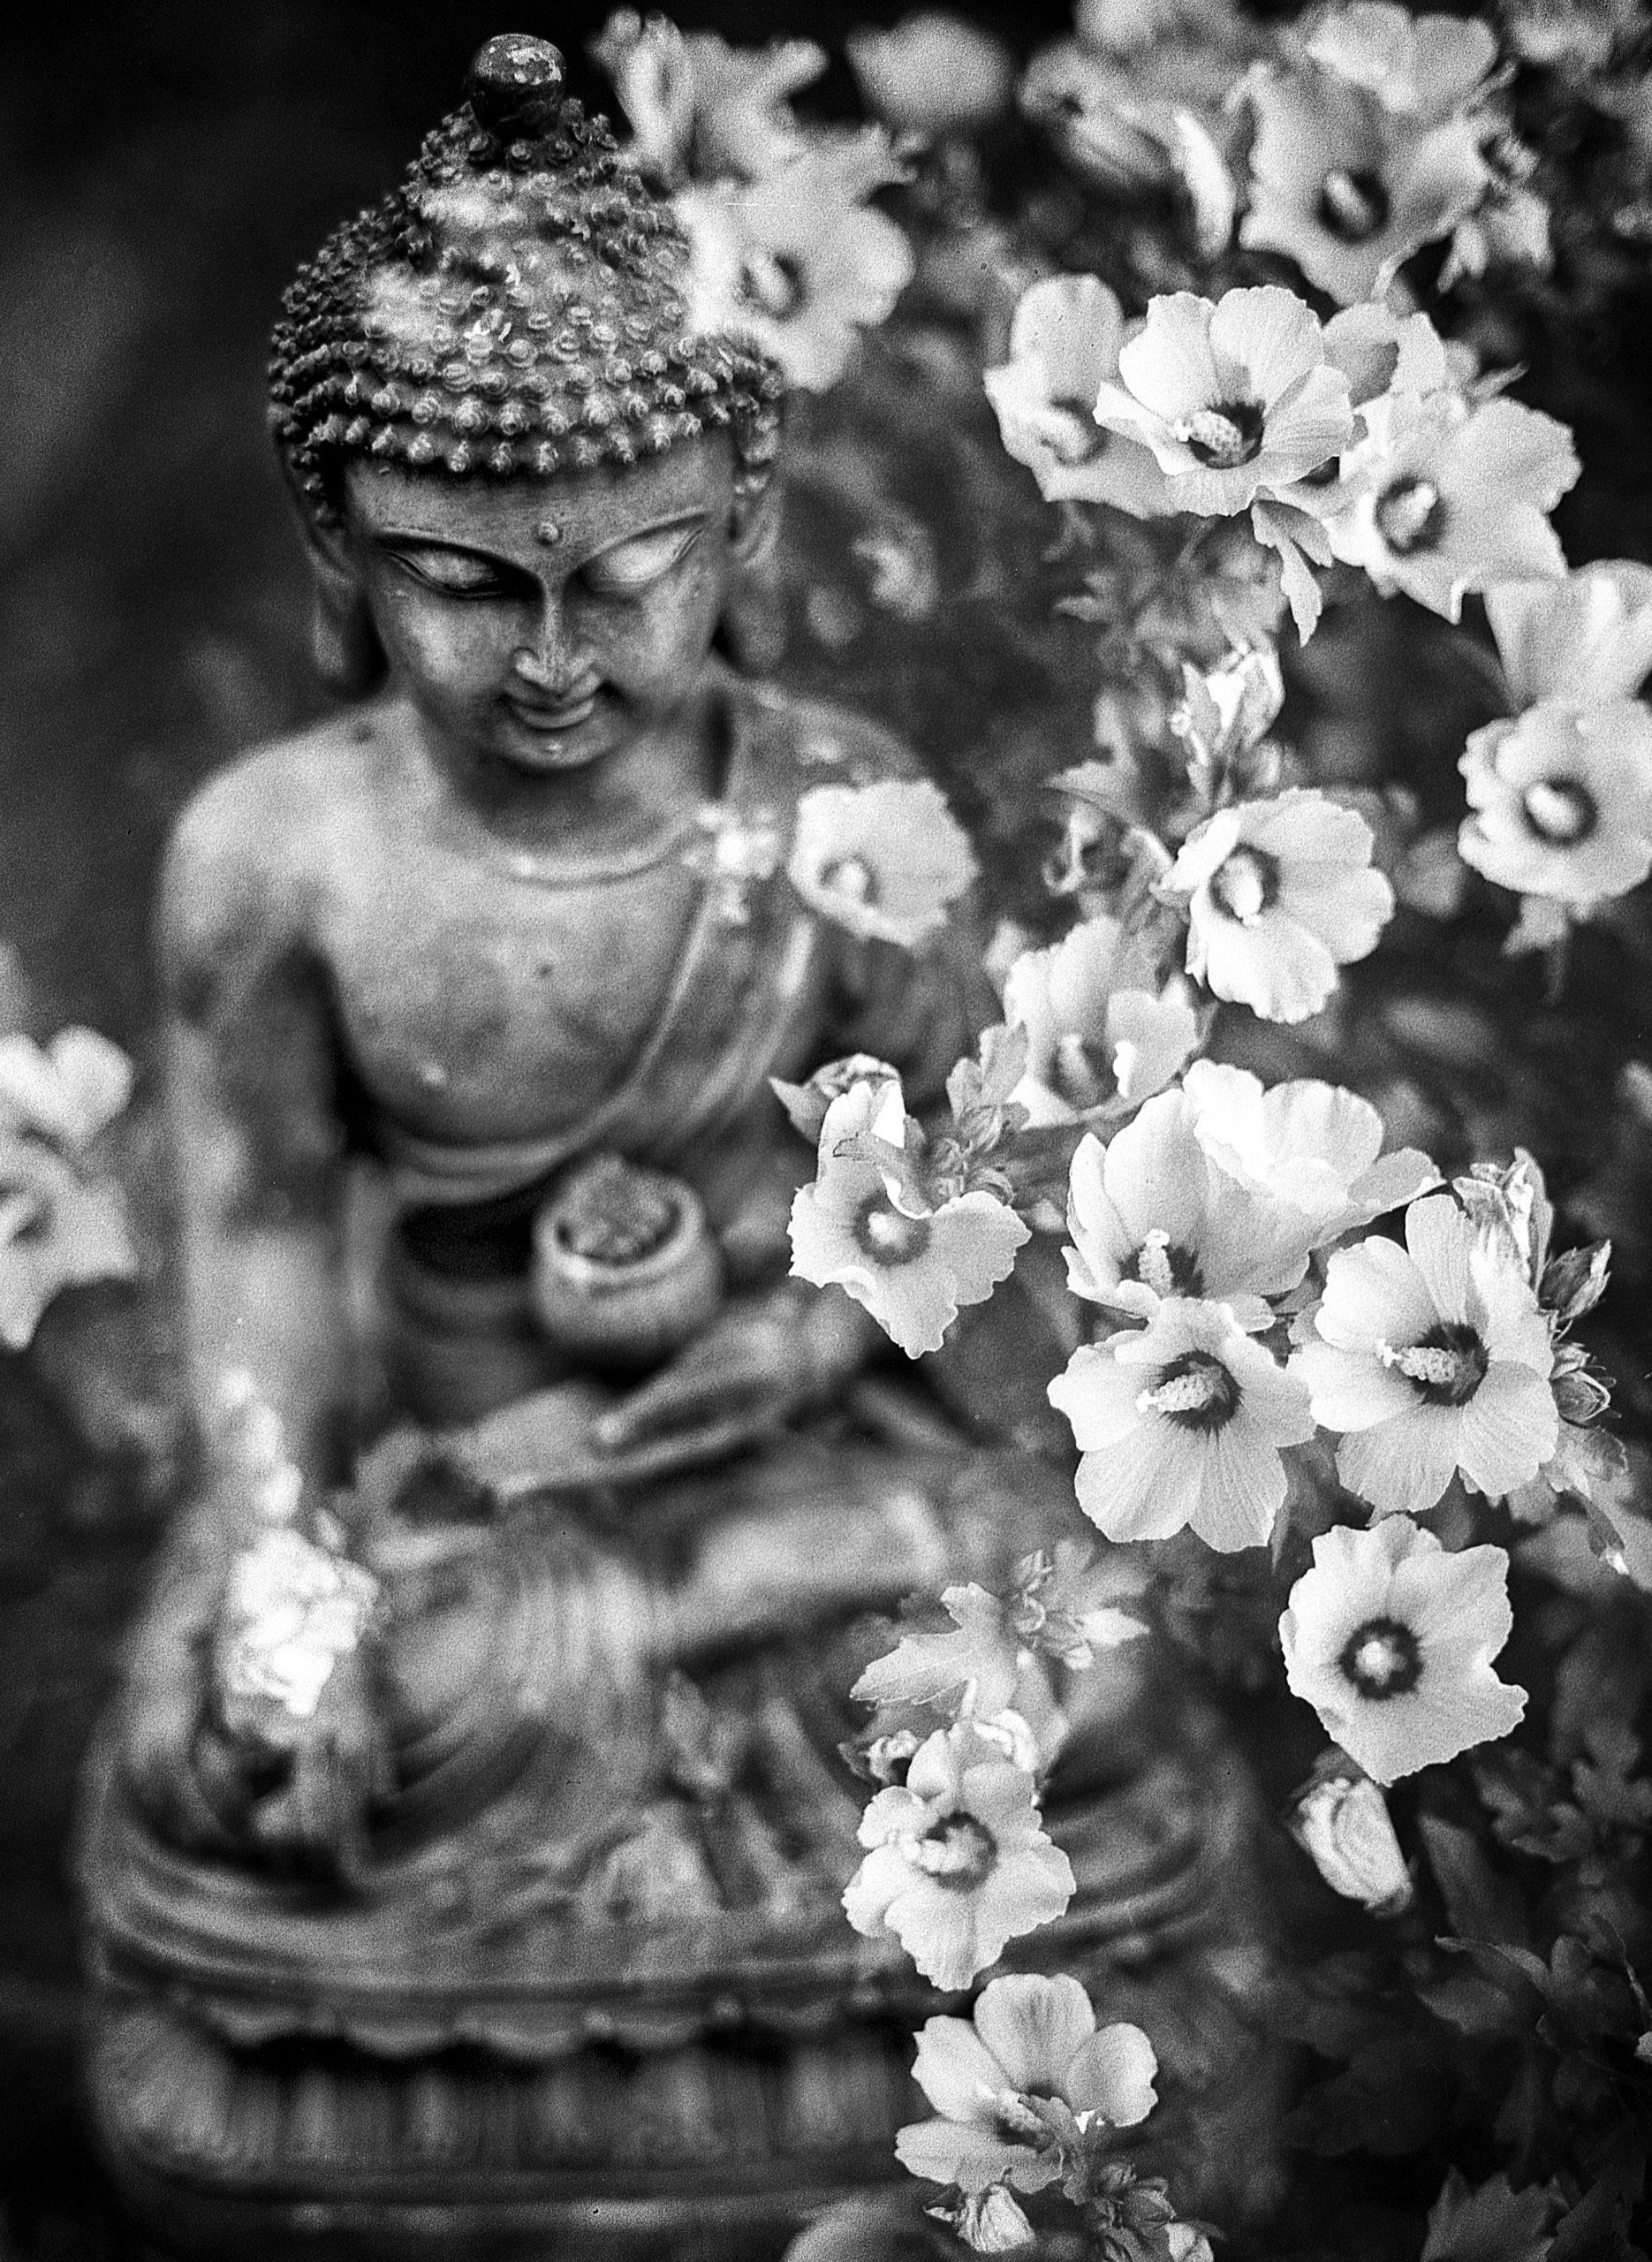 buda_meditacion_curso